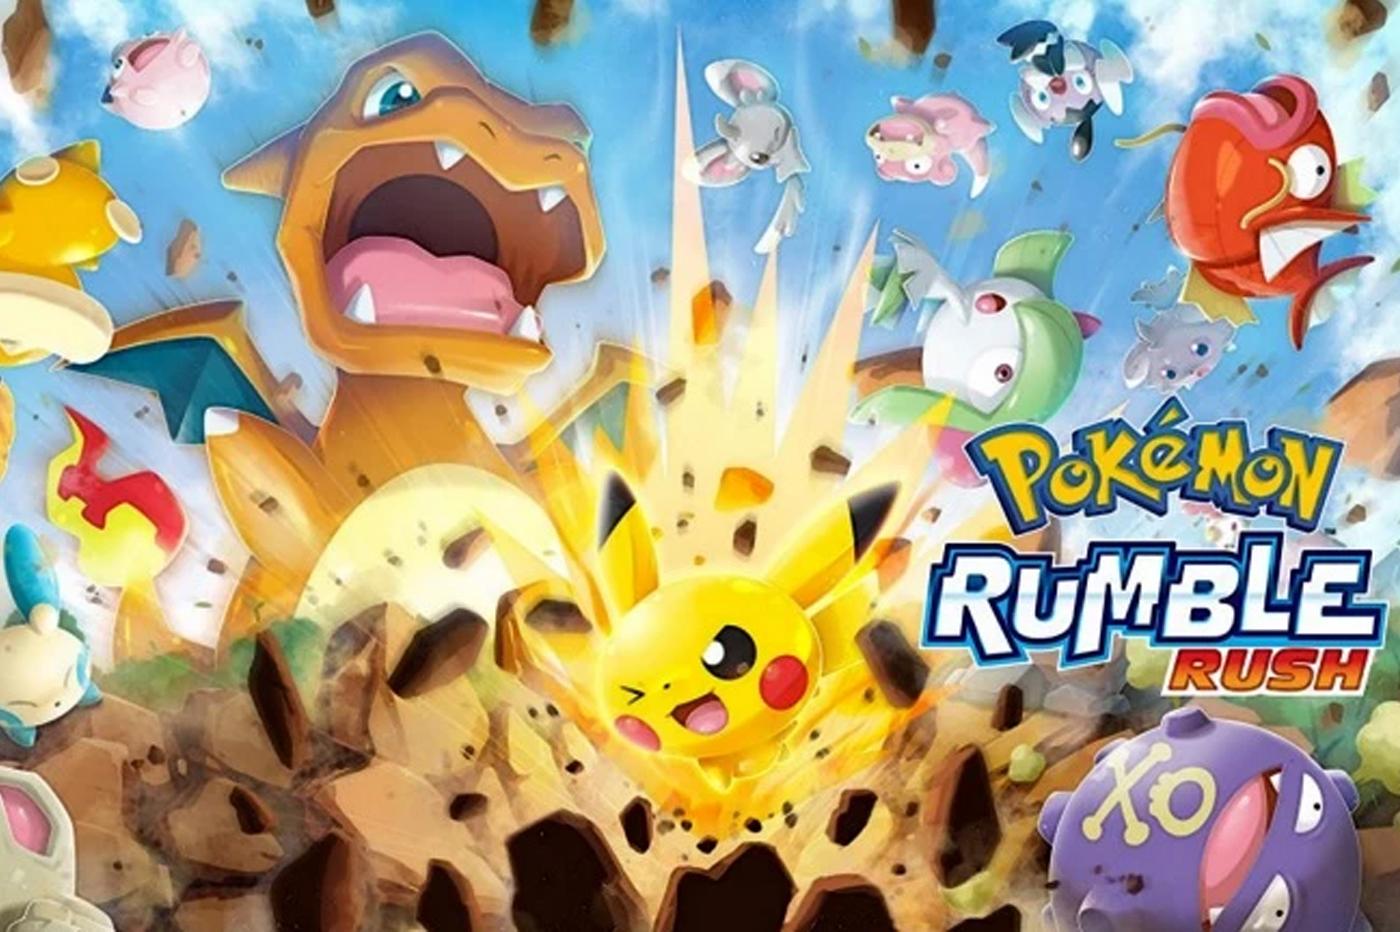 Pokémon Rumble Rush, le nouveau jeu gratuit mobile arrive sur Android